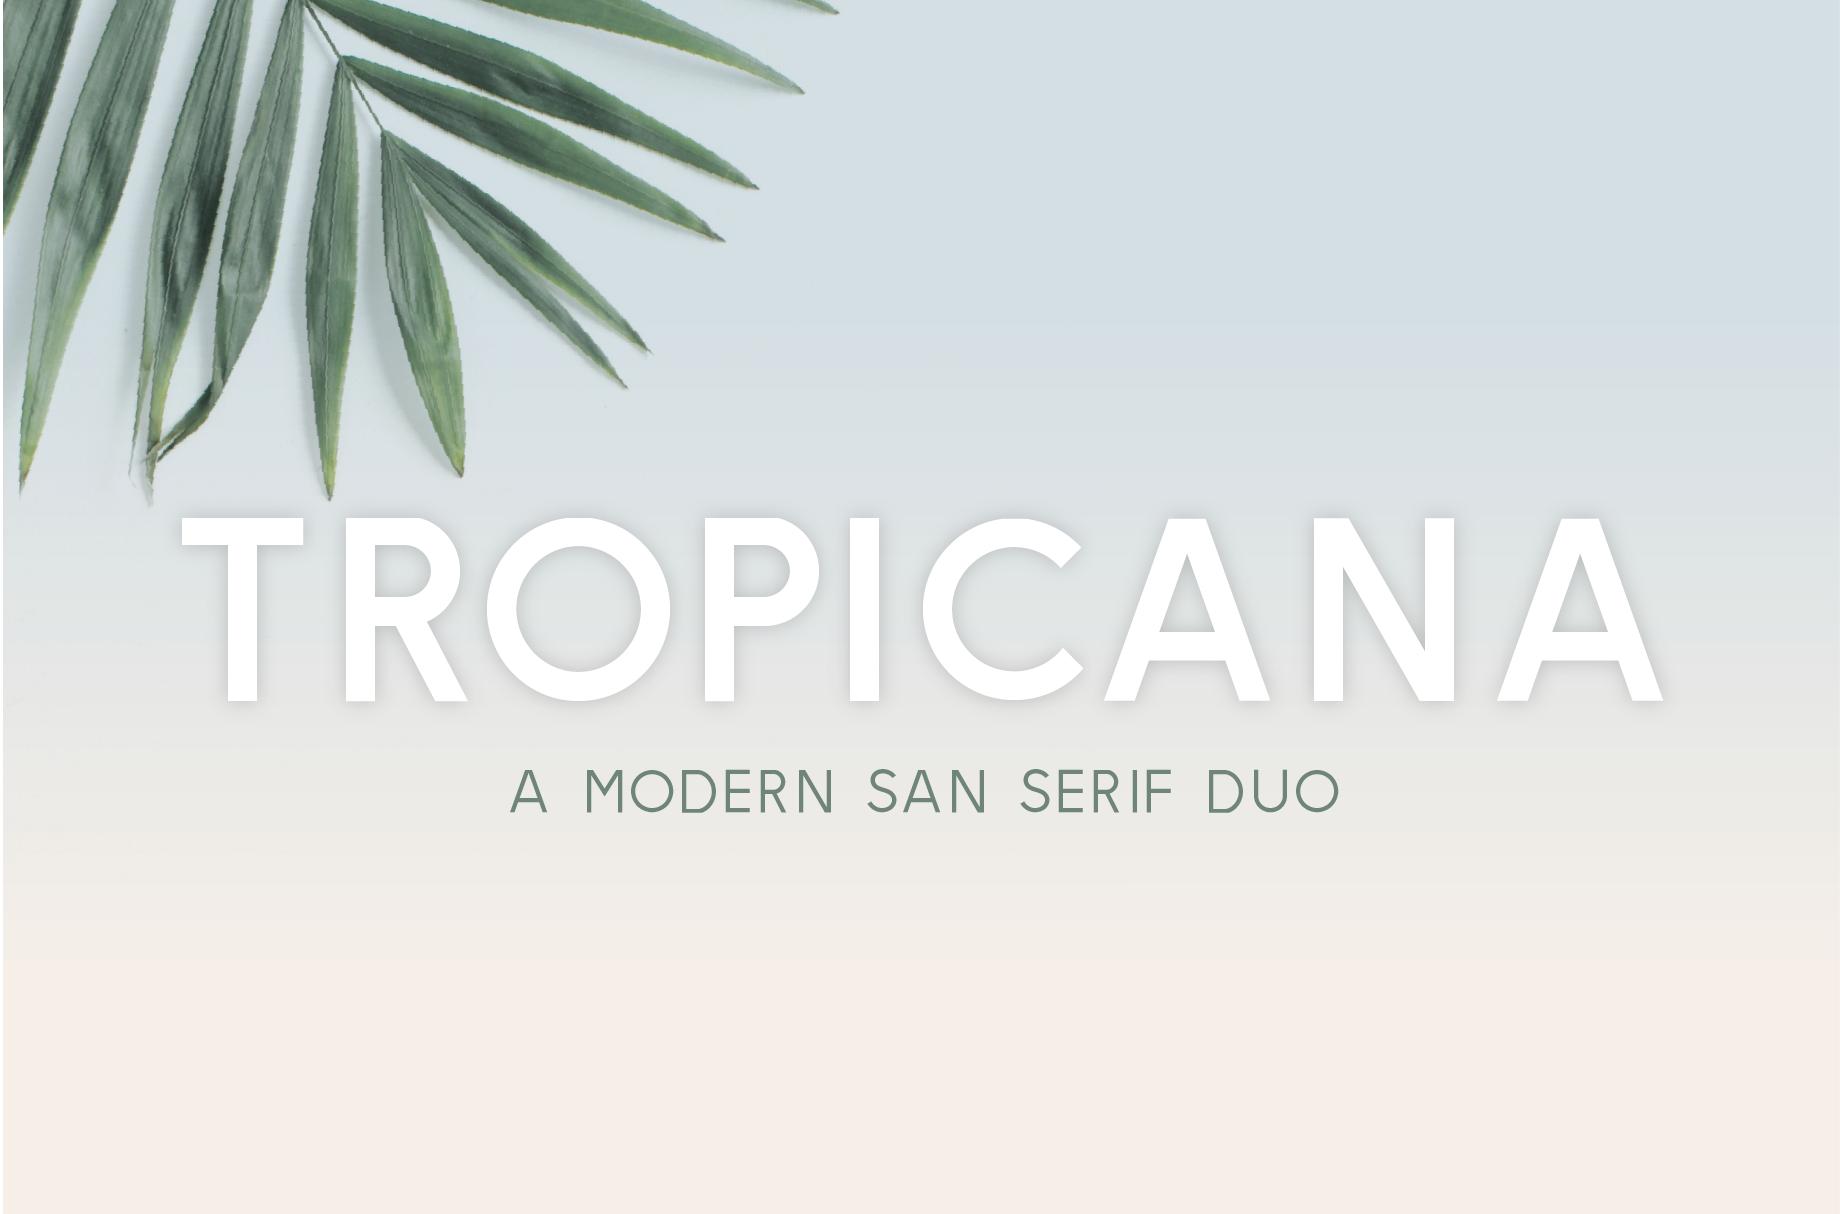 Tropicana Font by Big Cat Creative